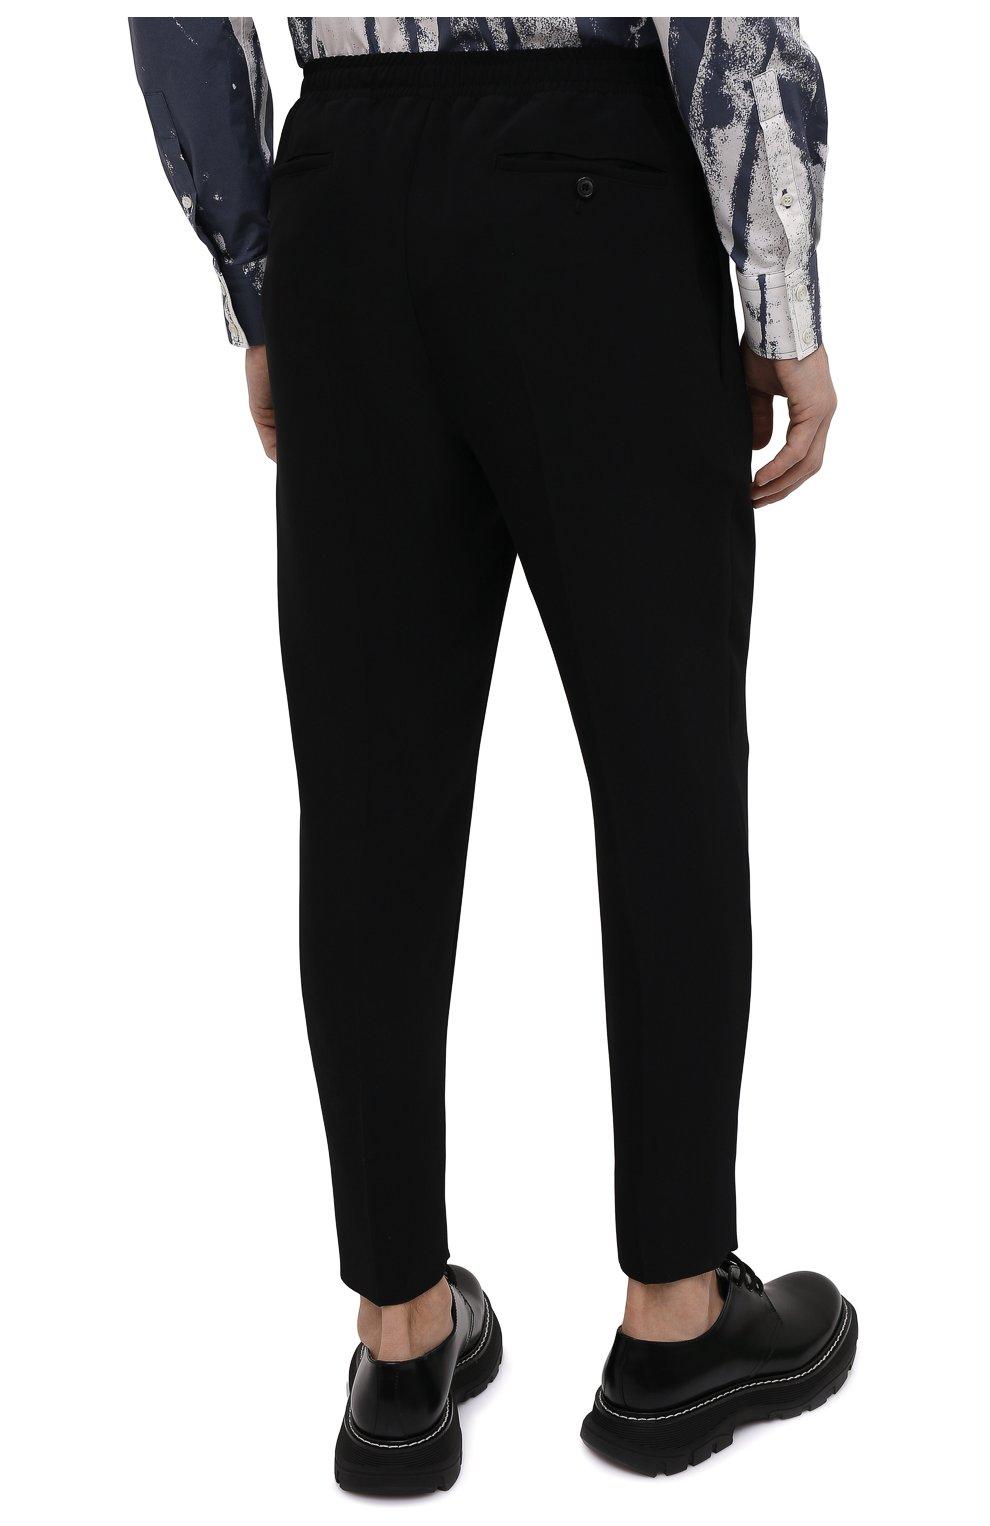 Мужские брюки из вискозы ALEXANDER MCQUEEN черного цвета, арт. 619171/QQR38   Фото 4 (Длина (брюки, джинсы): Стандартные; Случай: Повседневный; Стили: Панк; Материал внешний: Вискоза)